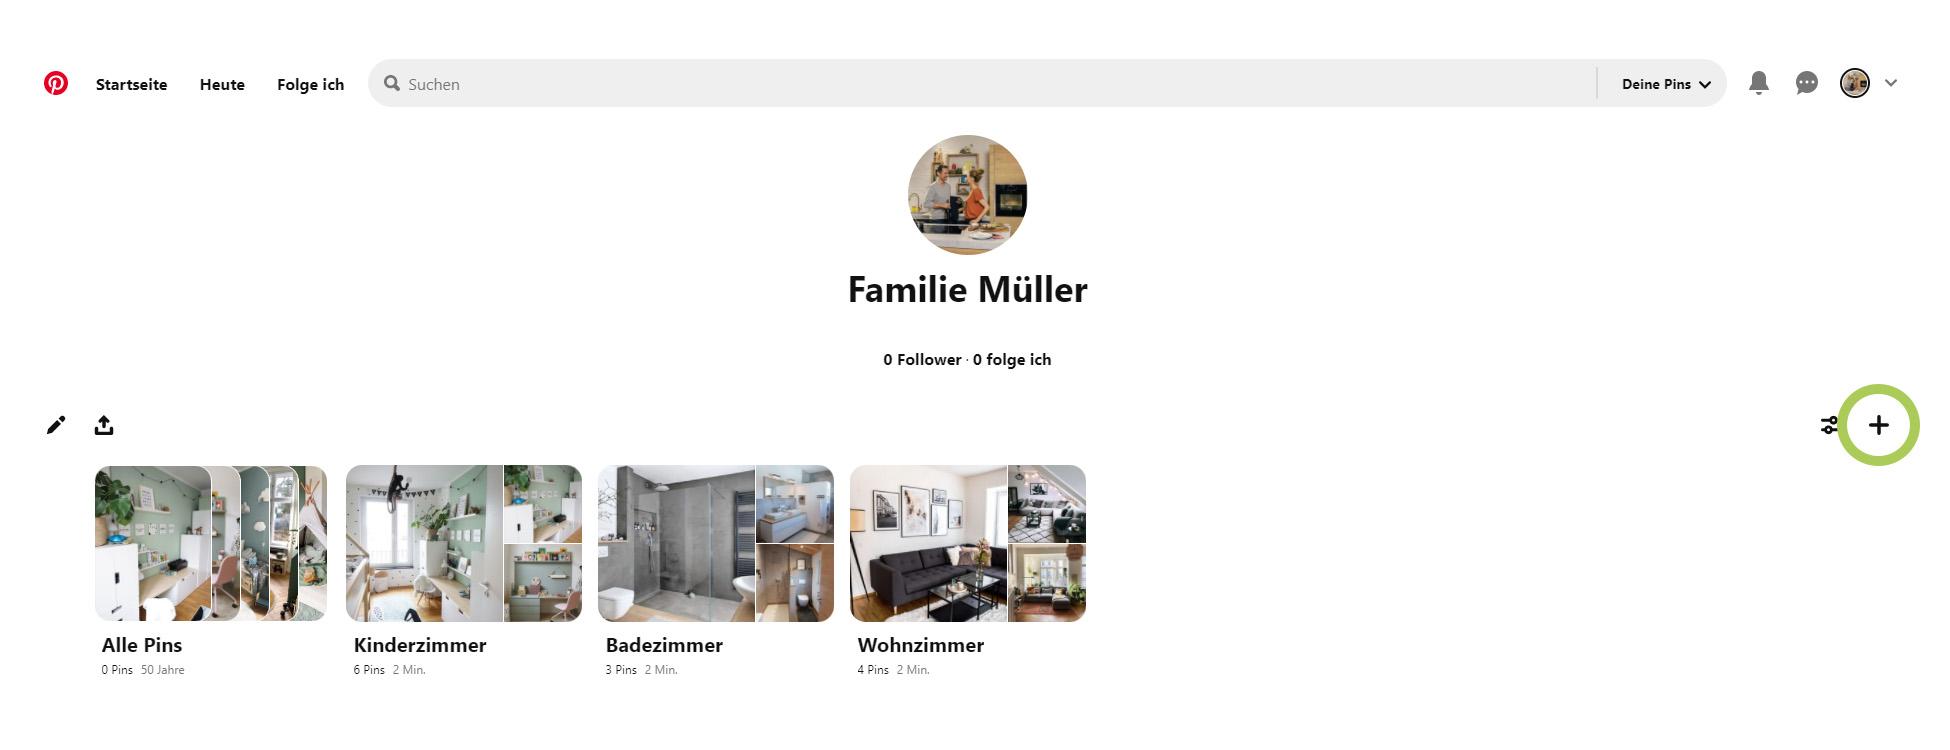 Pinterest Profil - Pinnwand erstellen